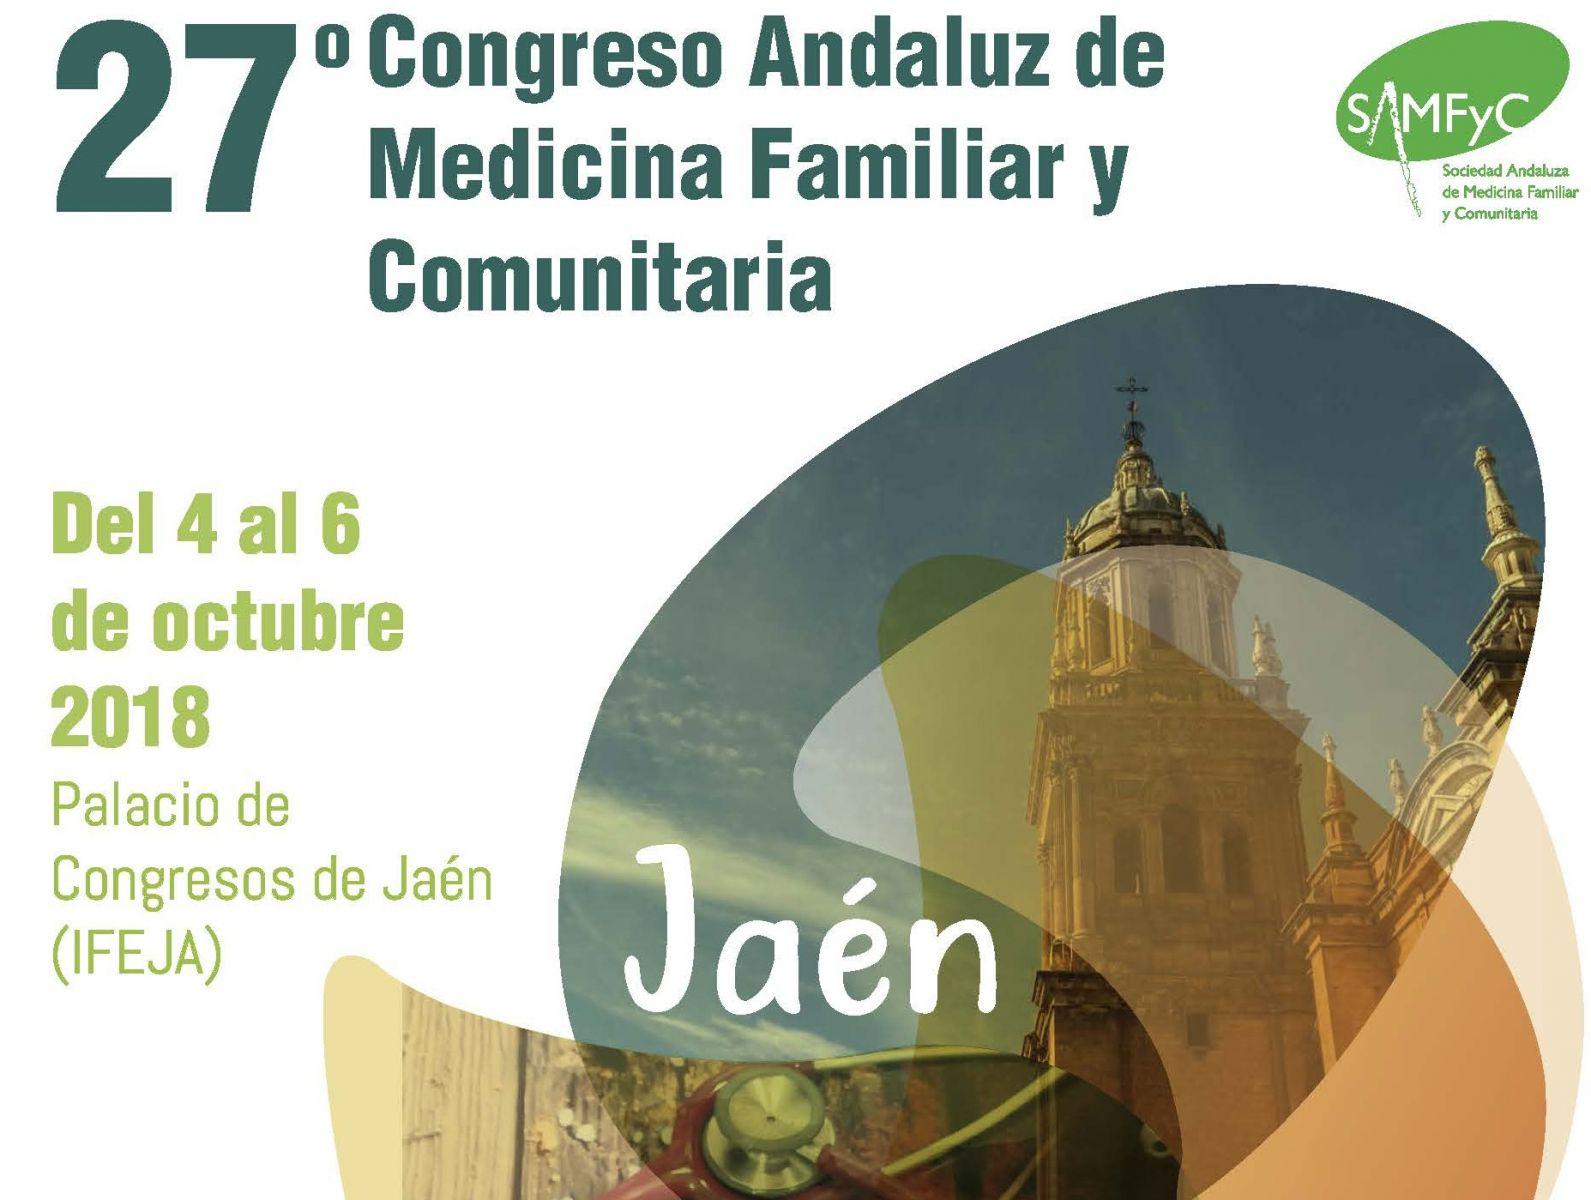 El Palacio de Congresos de Jaén acogerá la 27ª Edición del Congreso Andaluz de Medicina Familiar y C